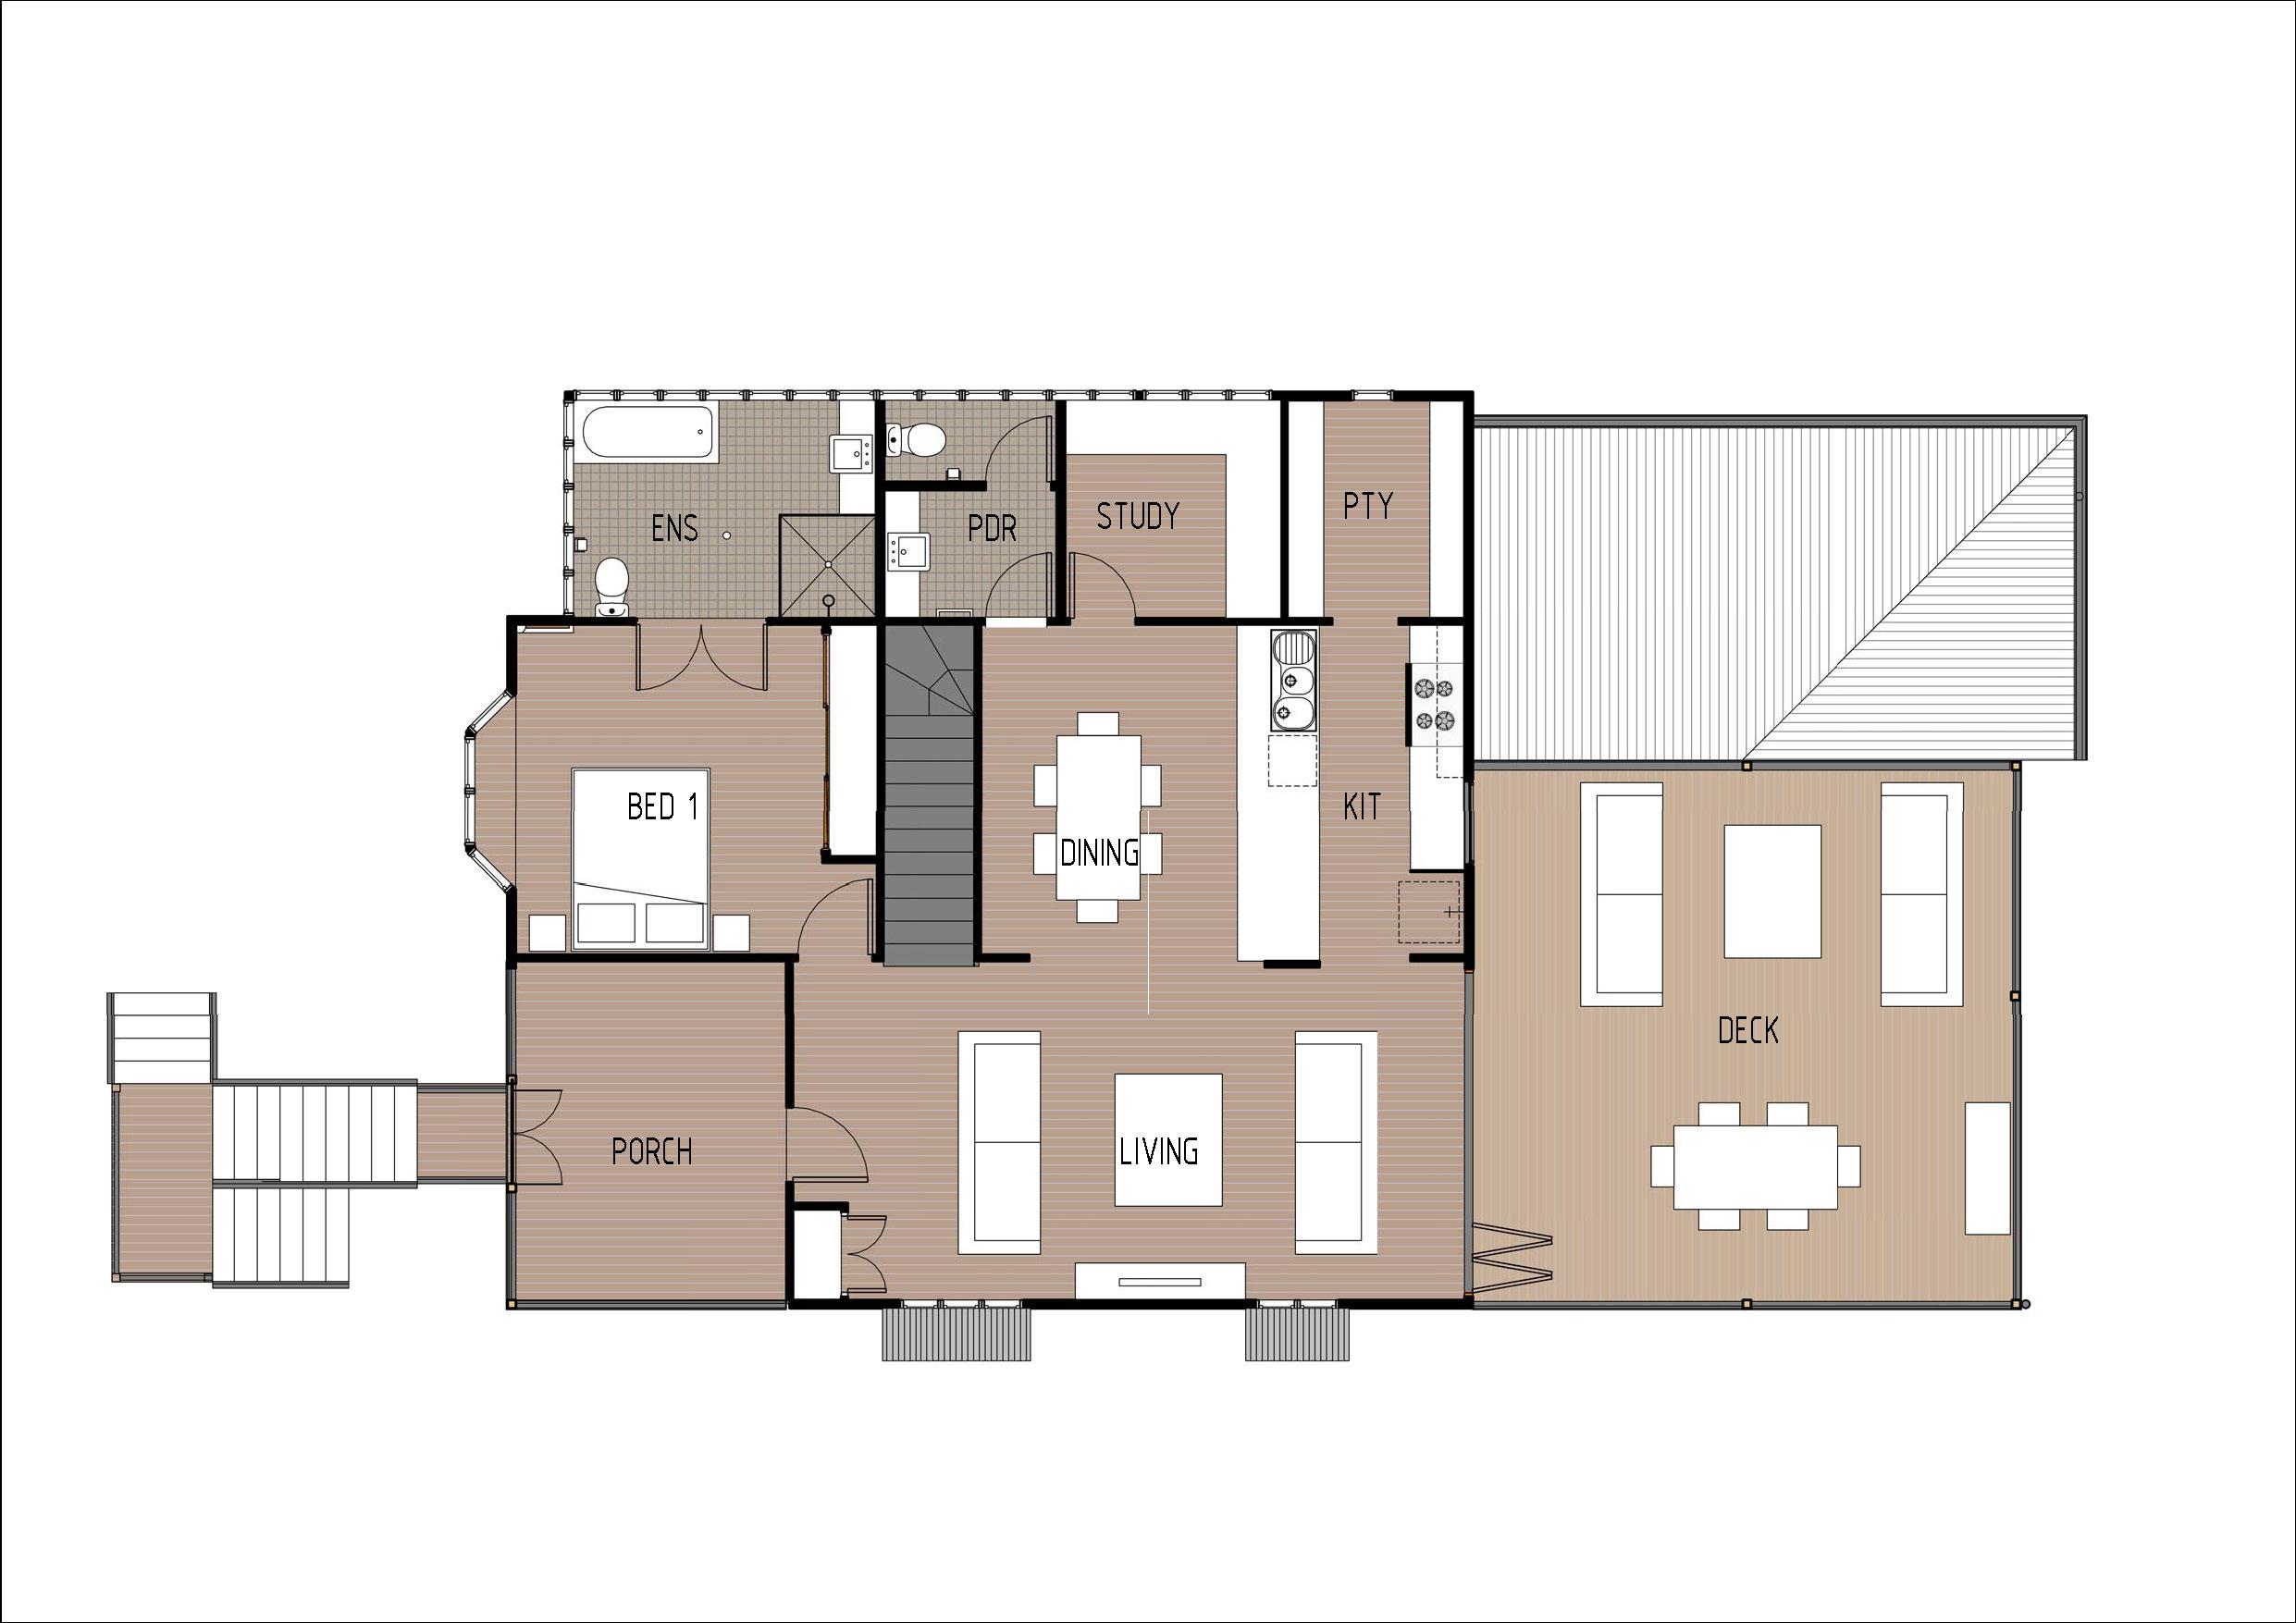 T4018 - Sheet - A803 - first floor plan - colour.jpg